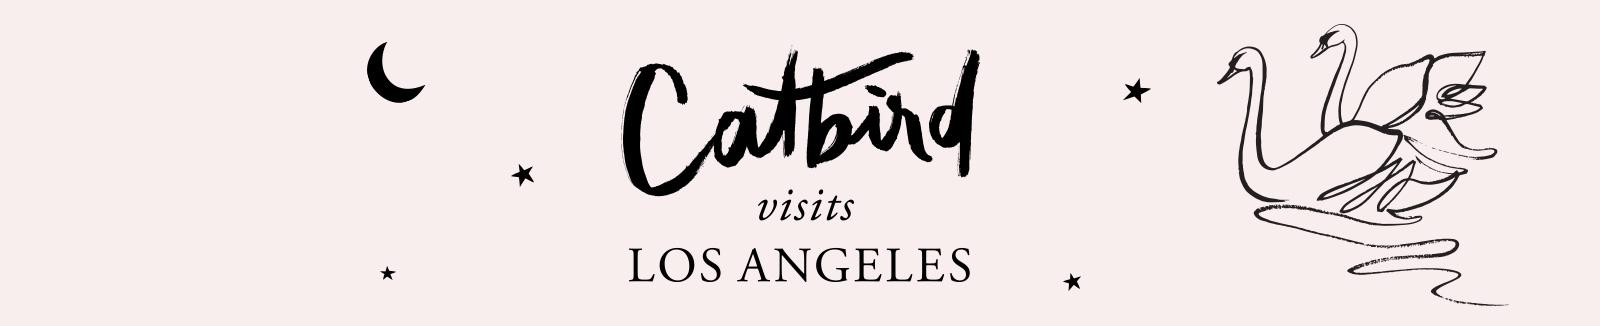 Catbird visits LA